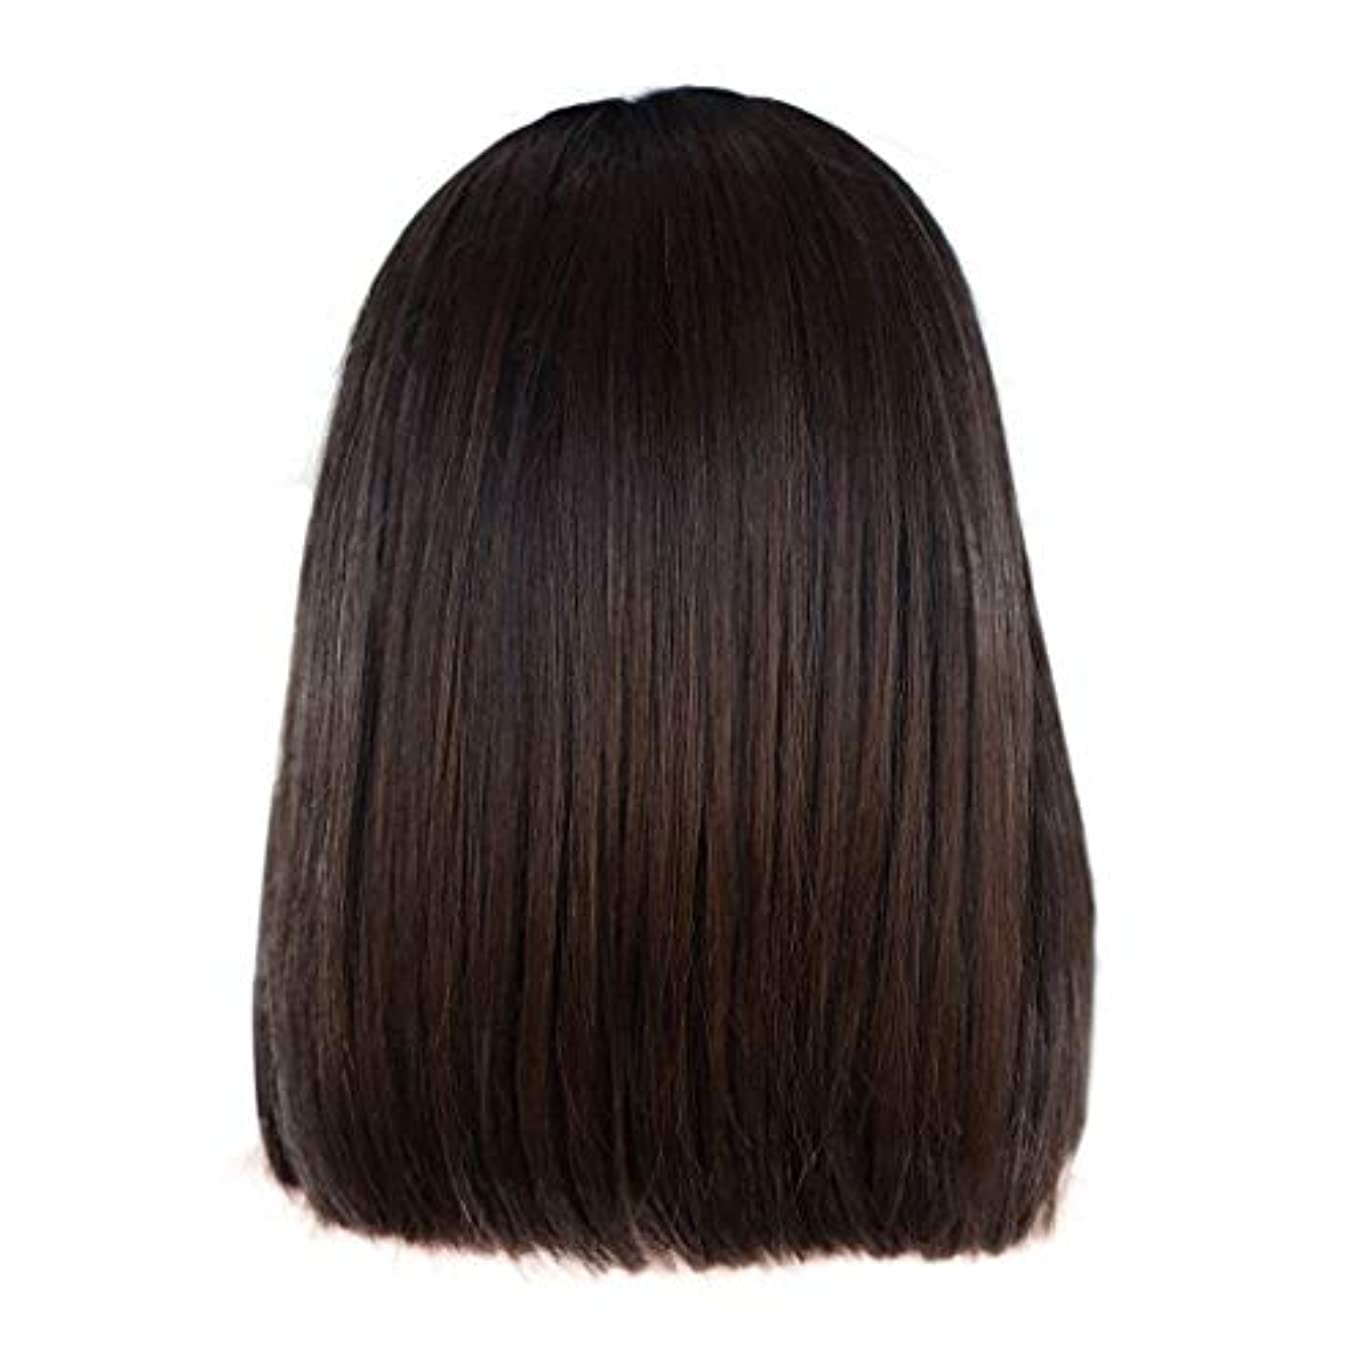 時間厳守毛皮請求書かつら女性の短いストレートヘアブラウンの化学繊維のフロントレースかつら14インチ